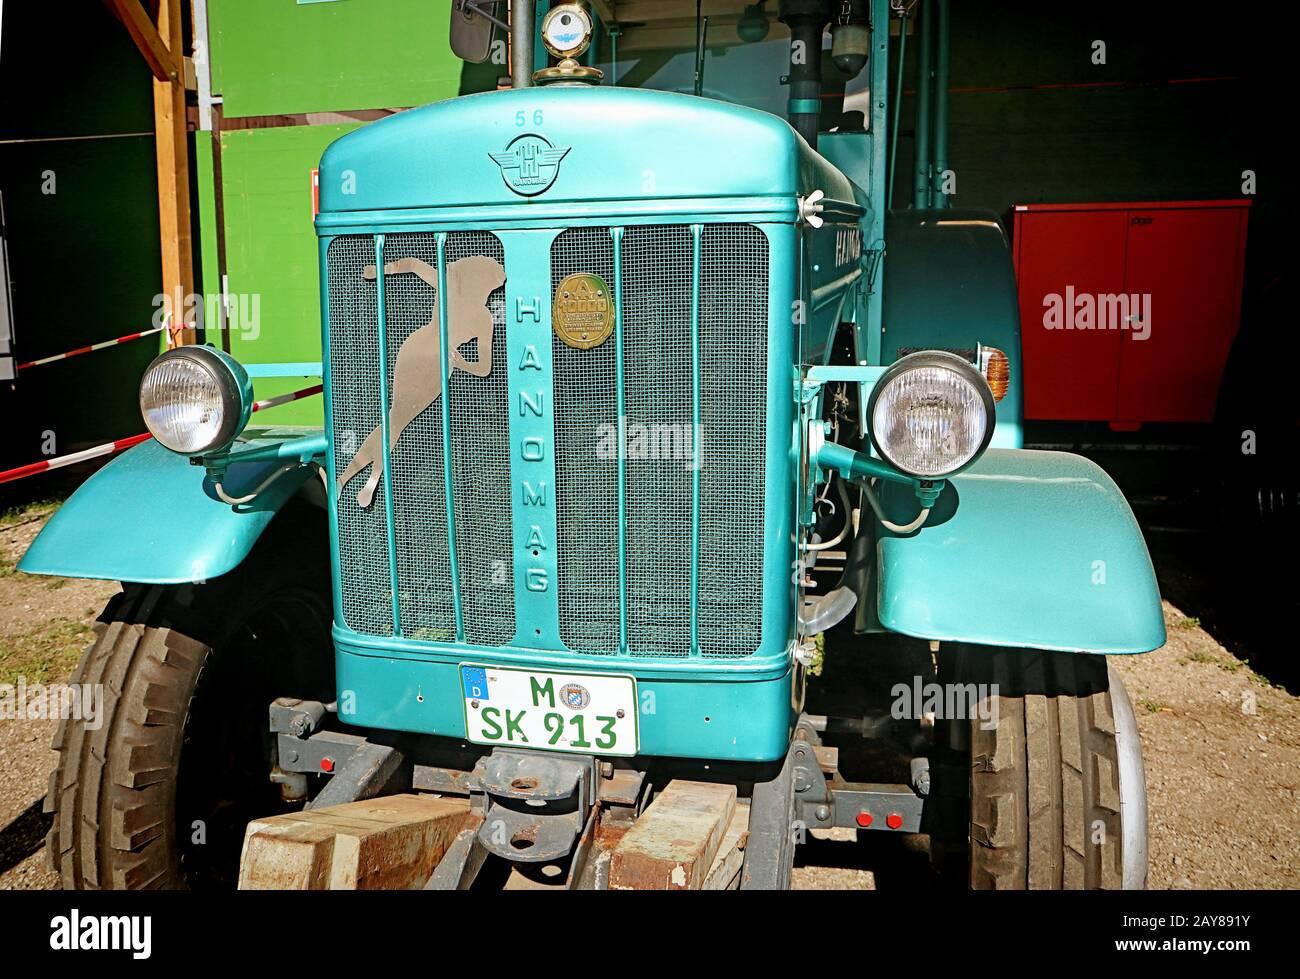 Munich, ALLEMAGNE un tracteur d'époque Hanomag est exposé à l'Oide Wiesn, partie historique de l'Oktoberfest à Munich, un environnement familial et convivial pour les enfants. Banque D'Images